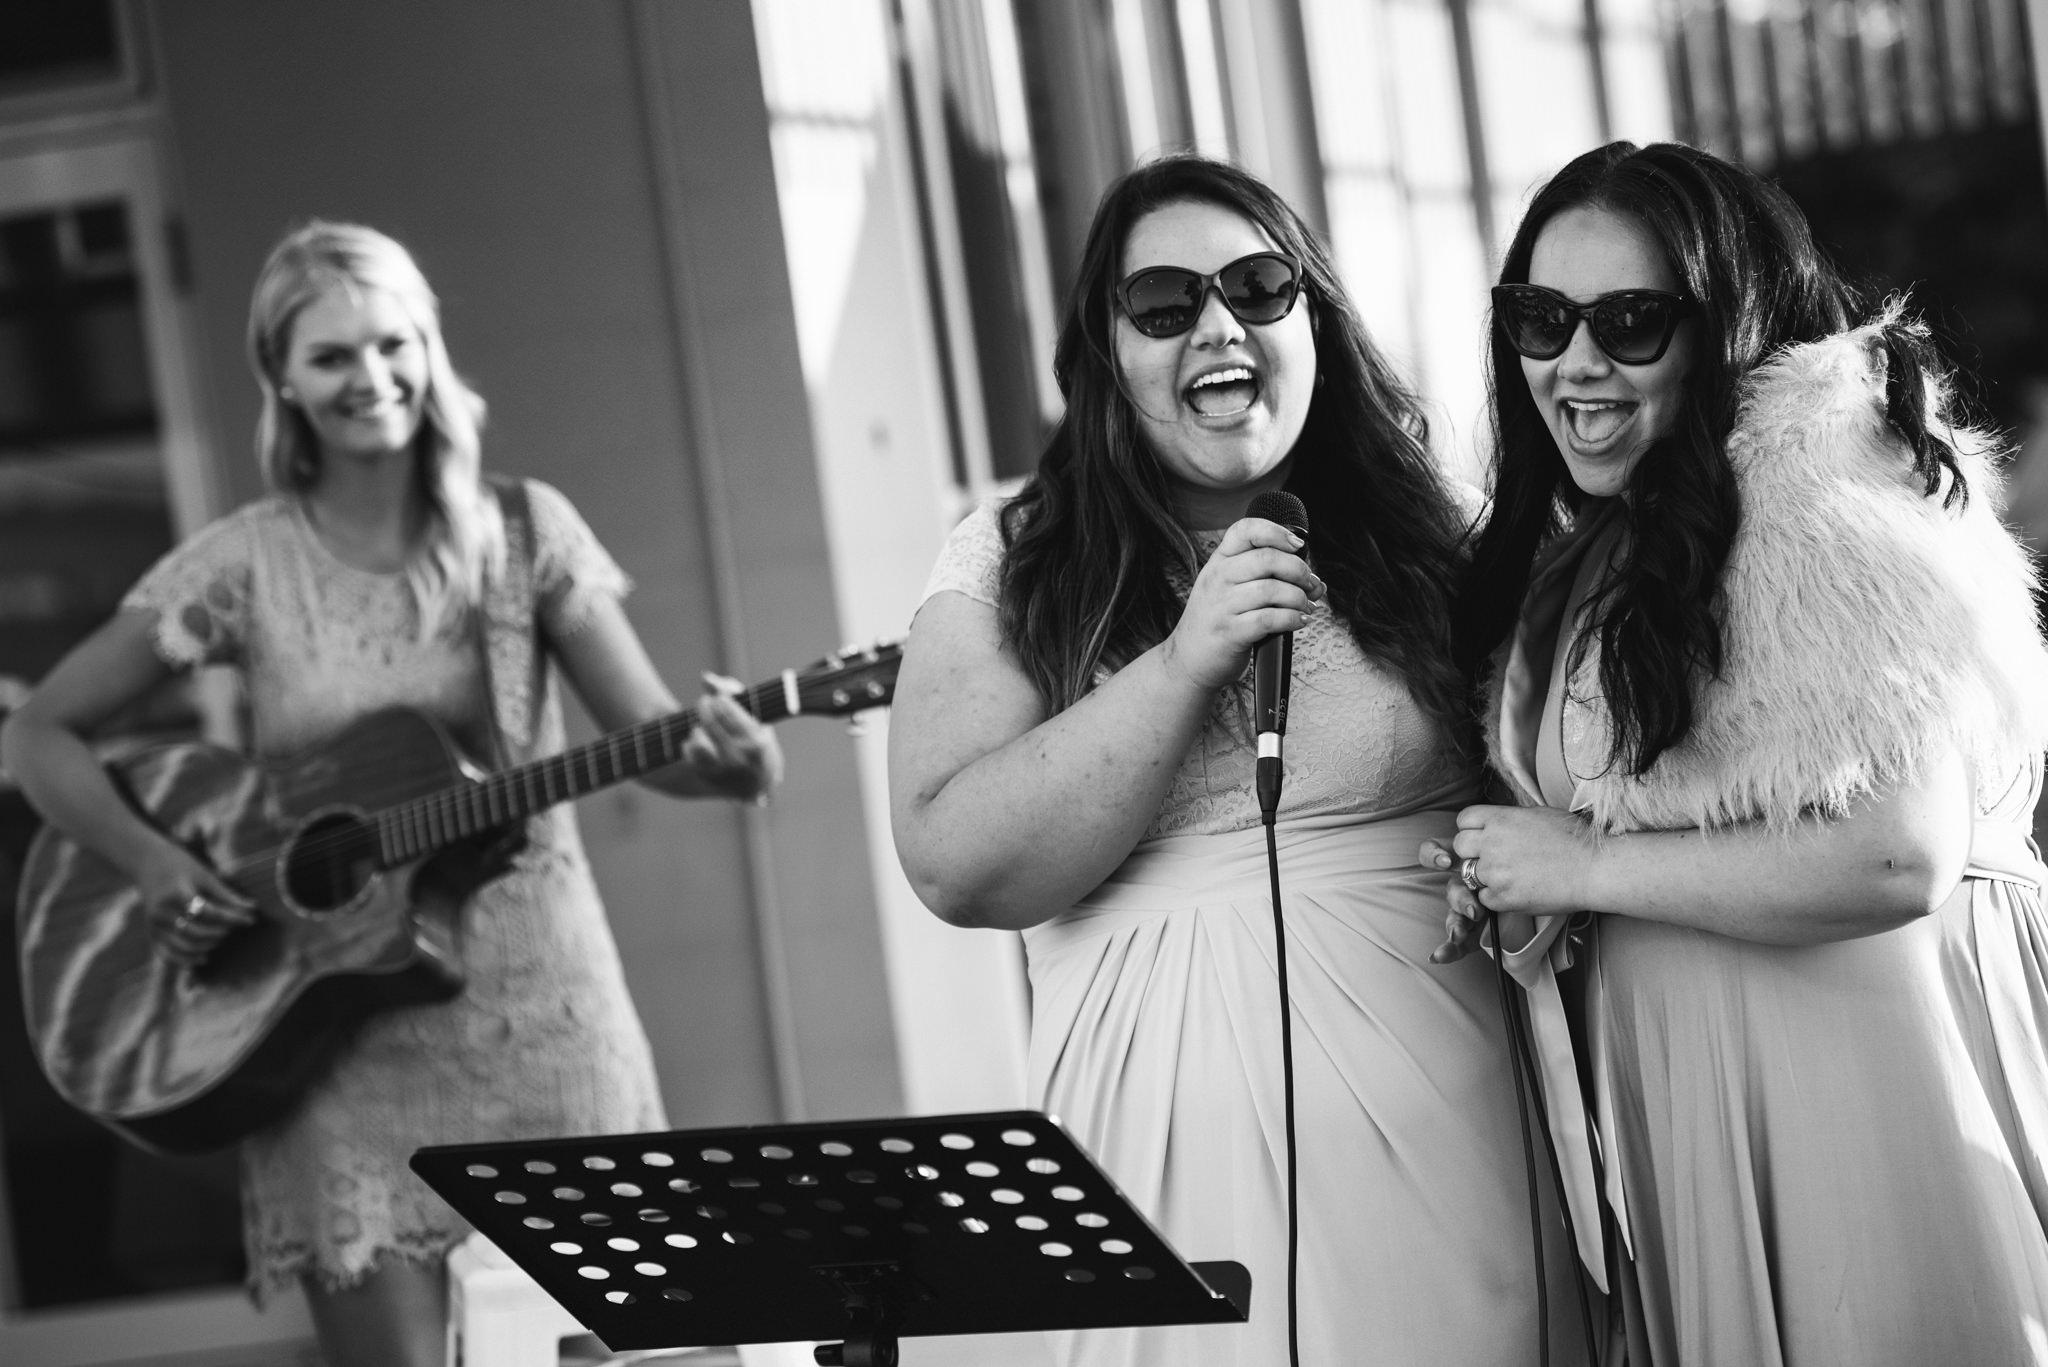 Music at Cornwallis house wedding.jpg